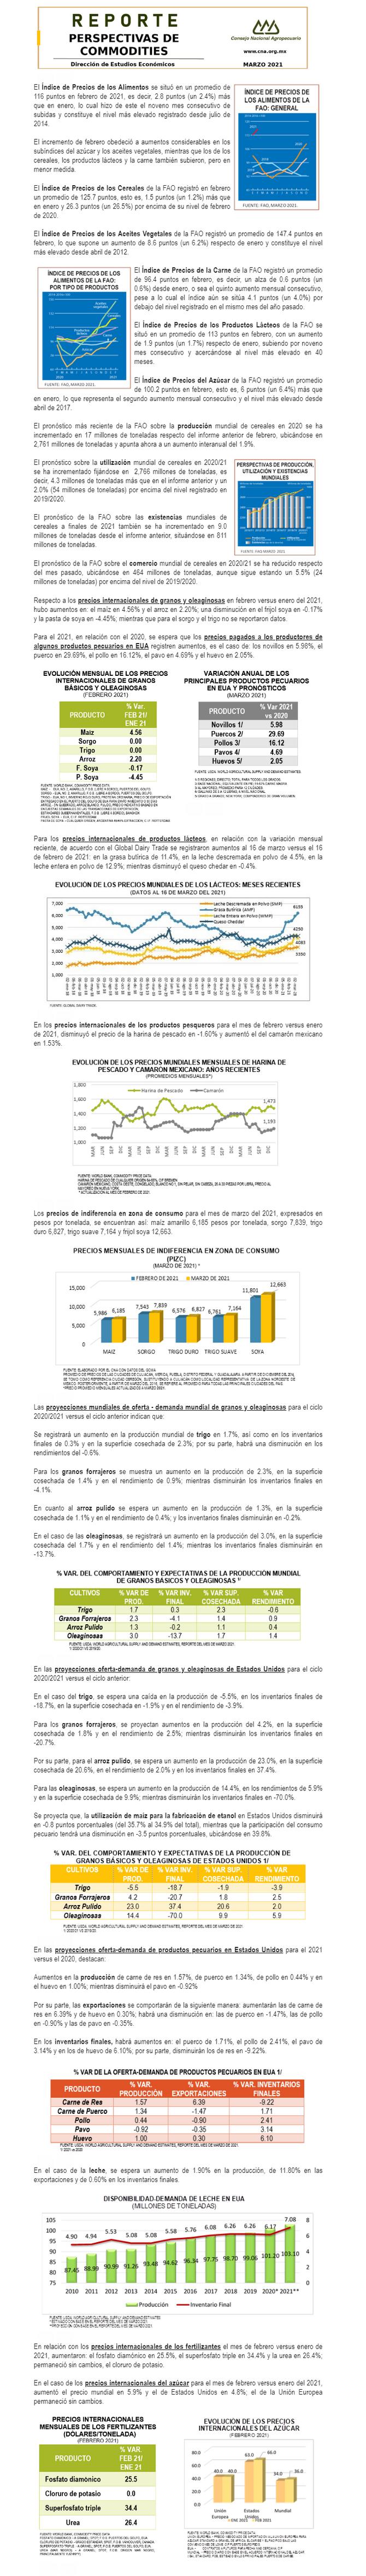 Reporte de Perspectivas Internacionales para los Commodities Agropecuarios de marzo 2021.